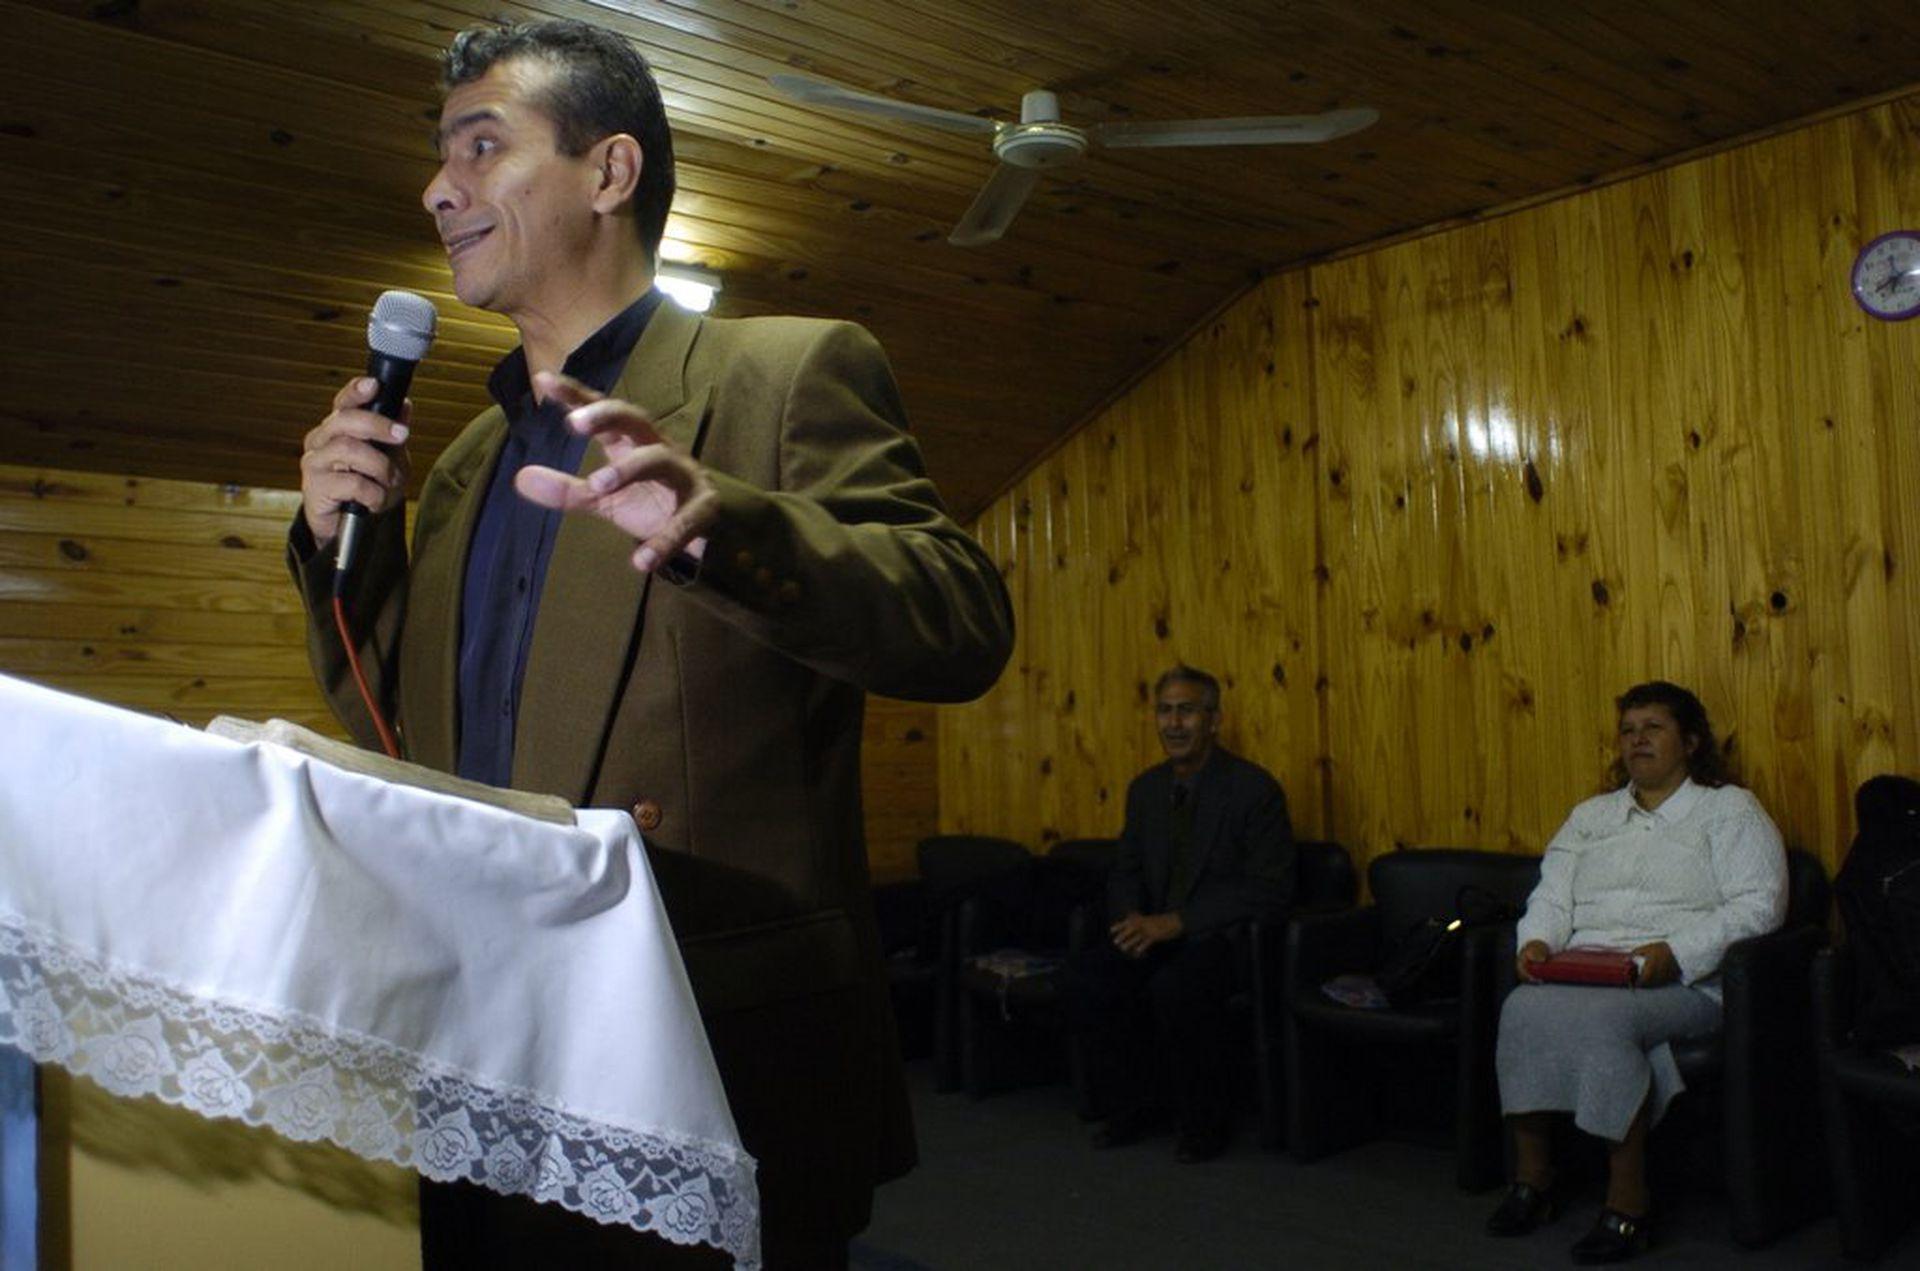 La característica de la Iglesia evangélica es que no tiene una estructura orgánica que la aglutine; en el conurbano hay muchas pequeñas iglesias, de menos de 50 miembros